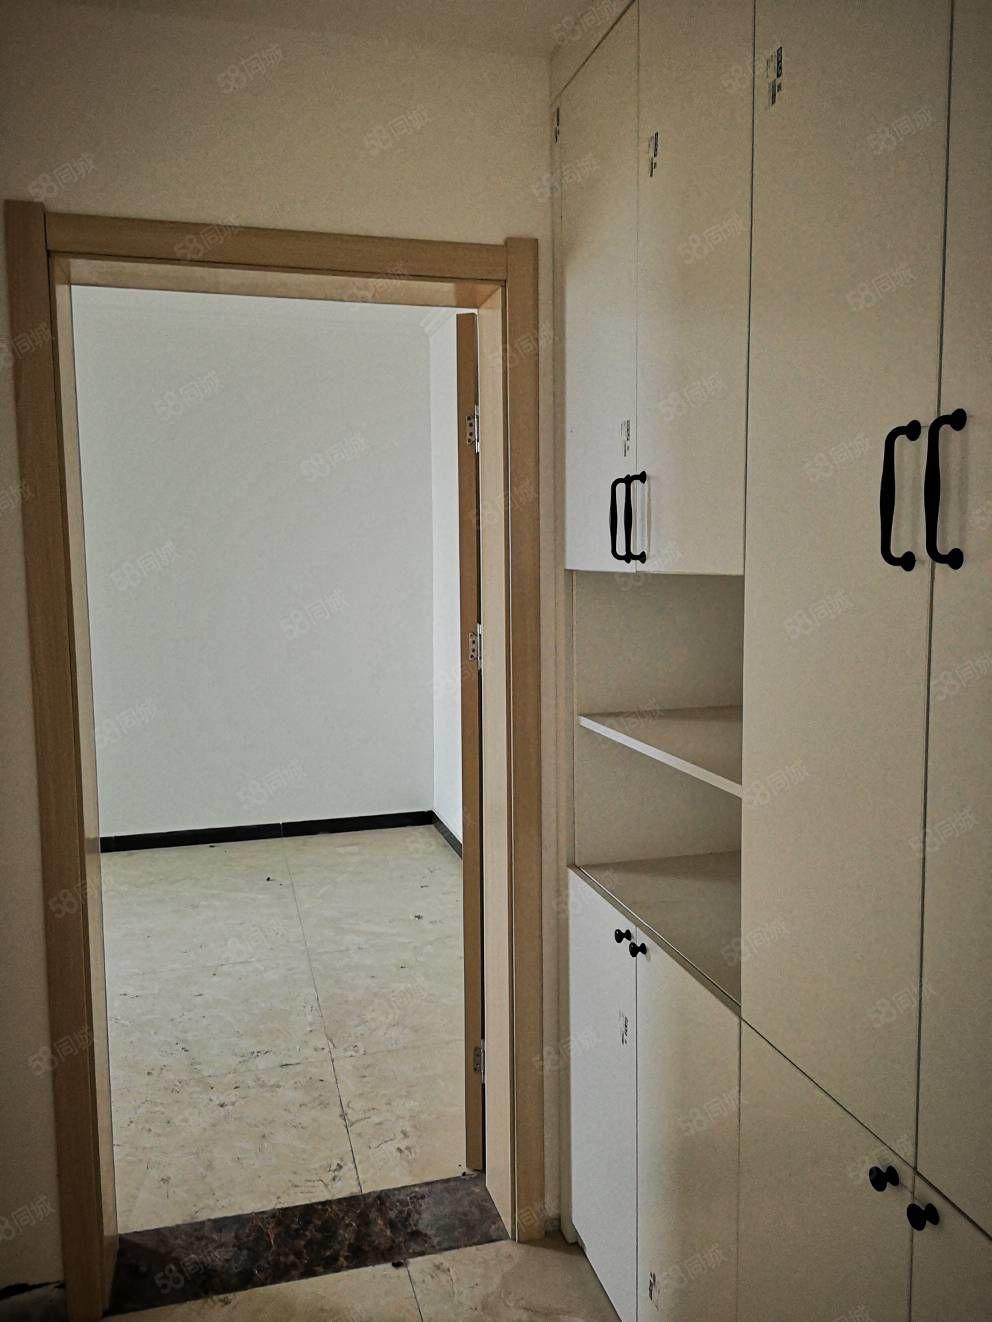 惠众苑安置两室一厅主次卧朝阳